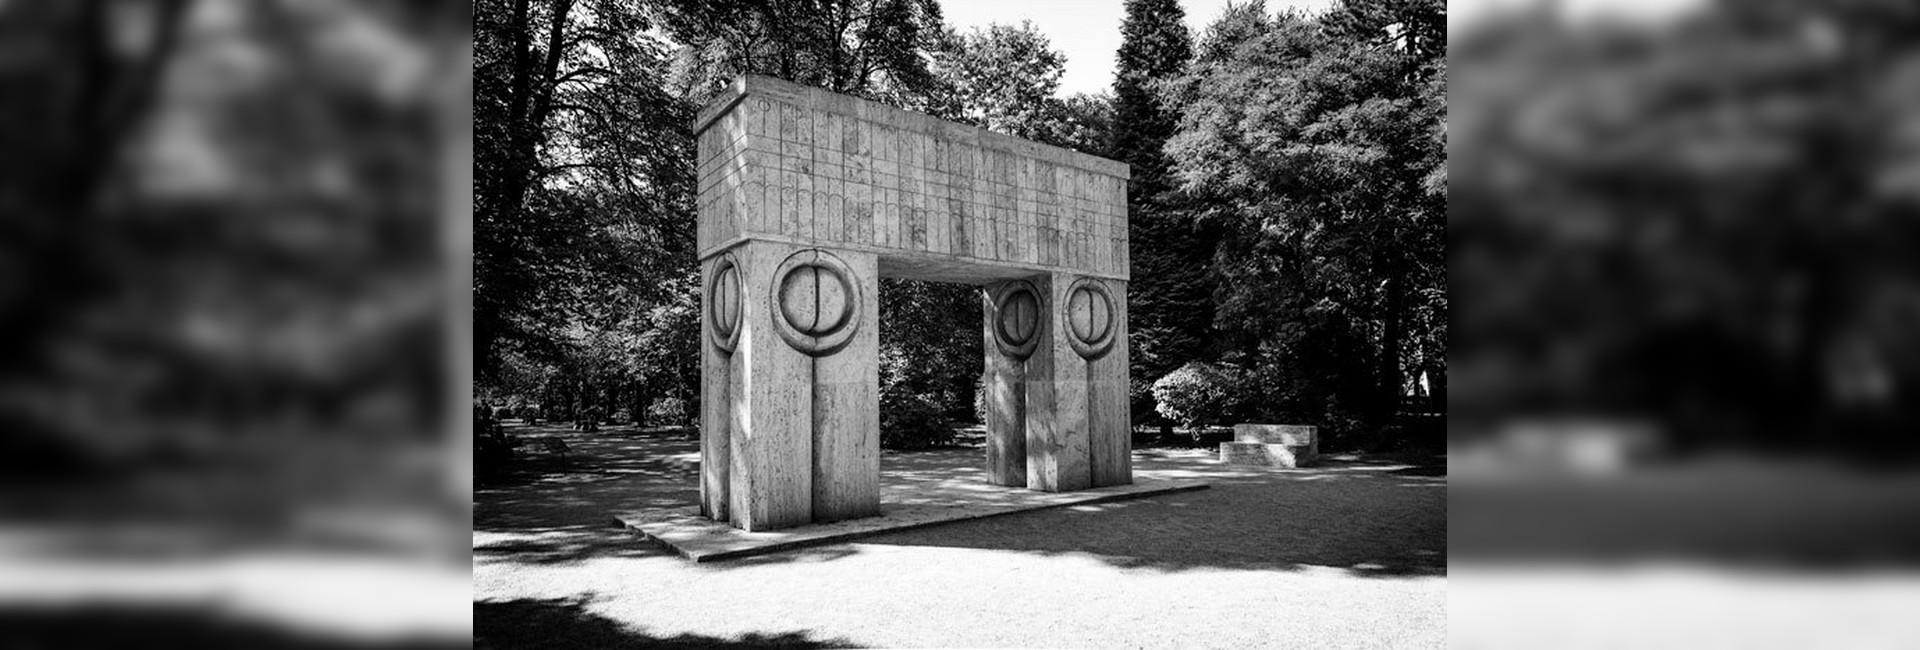 Constantin Brâncuşi pe înţelesul tuturor analiză Târgu Jiu Calea Eroilor Poarta Sărutului slider